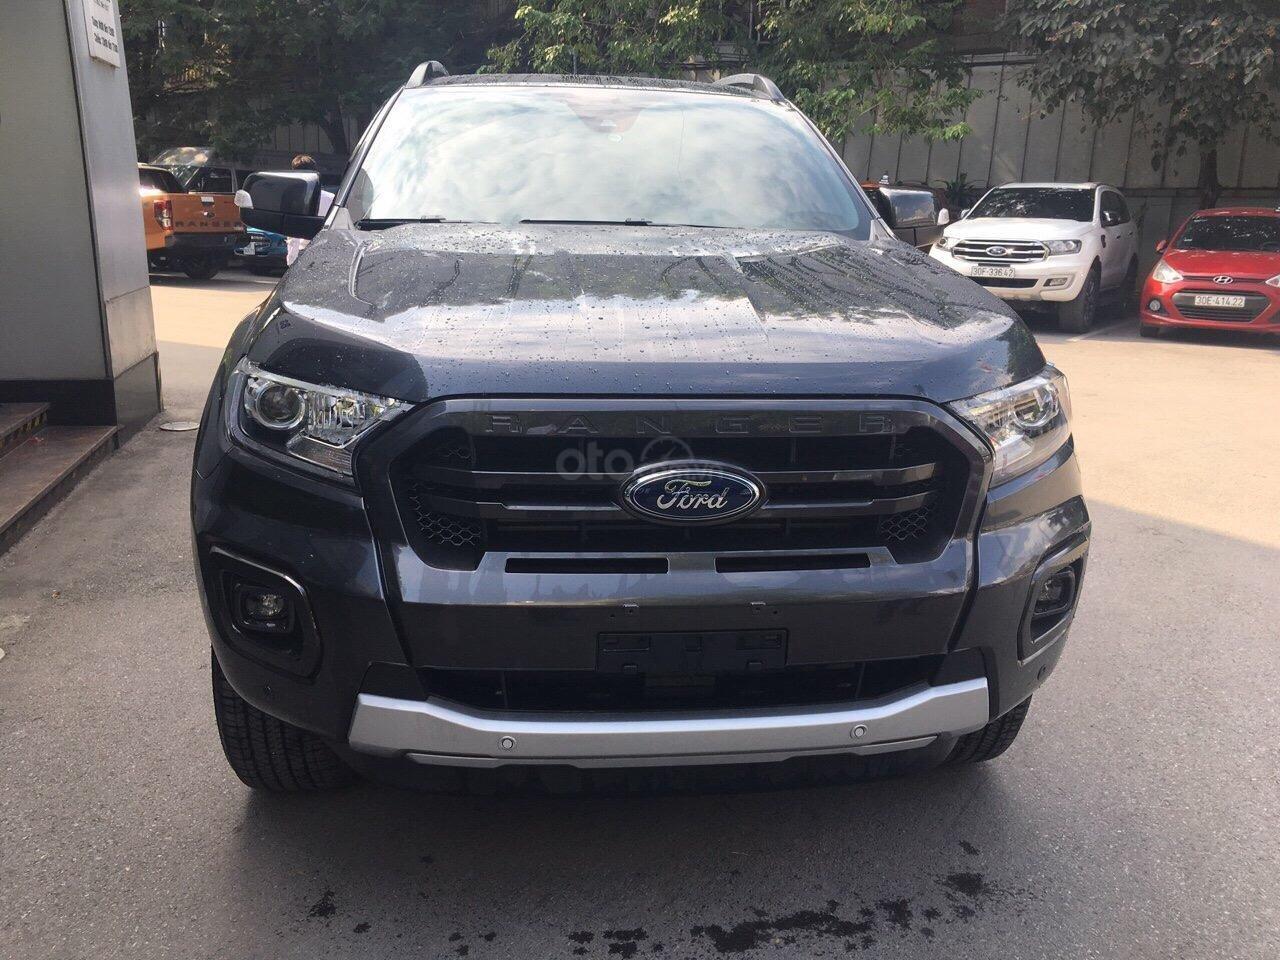 Ford Ranger mới 100% đủ màu, giao ngay, giao xe toàn quốc, trả góp 80%, LH 0979 572 297 (3)